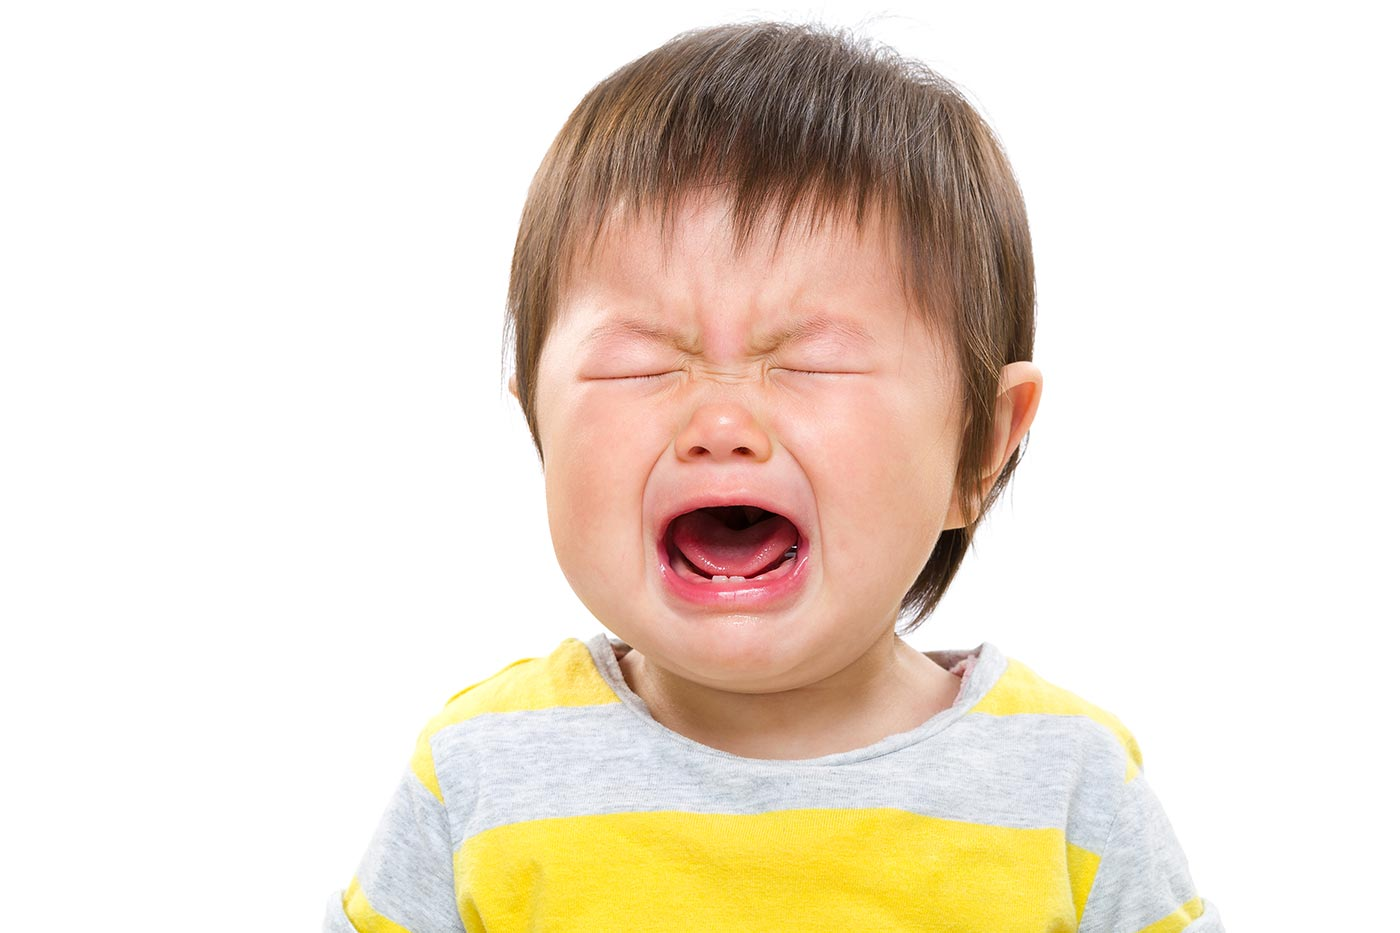 toddler whining